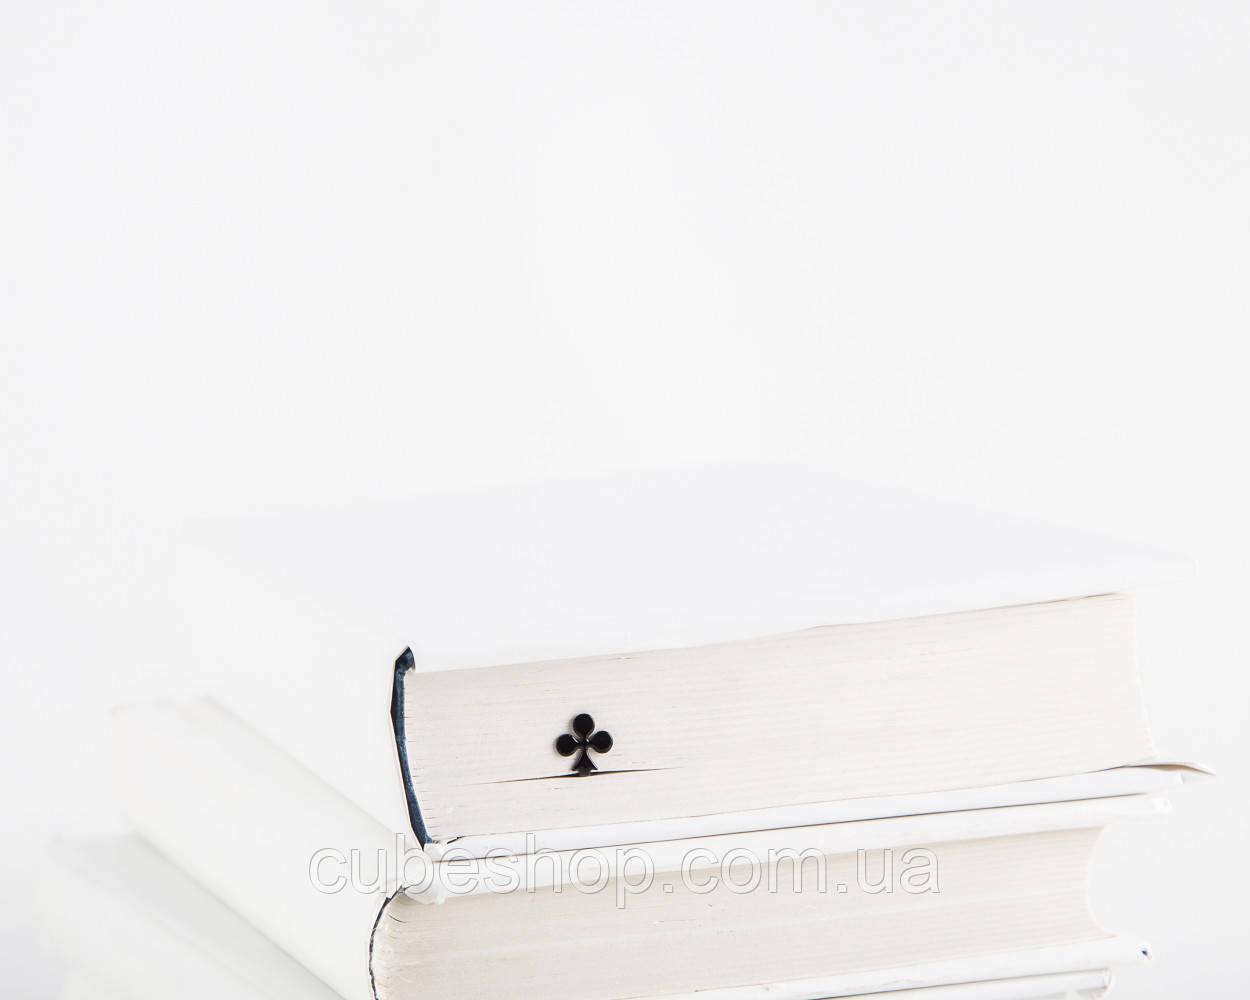 Закладка для книг Трефовый туз